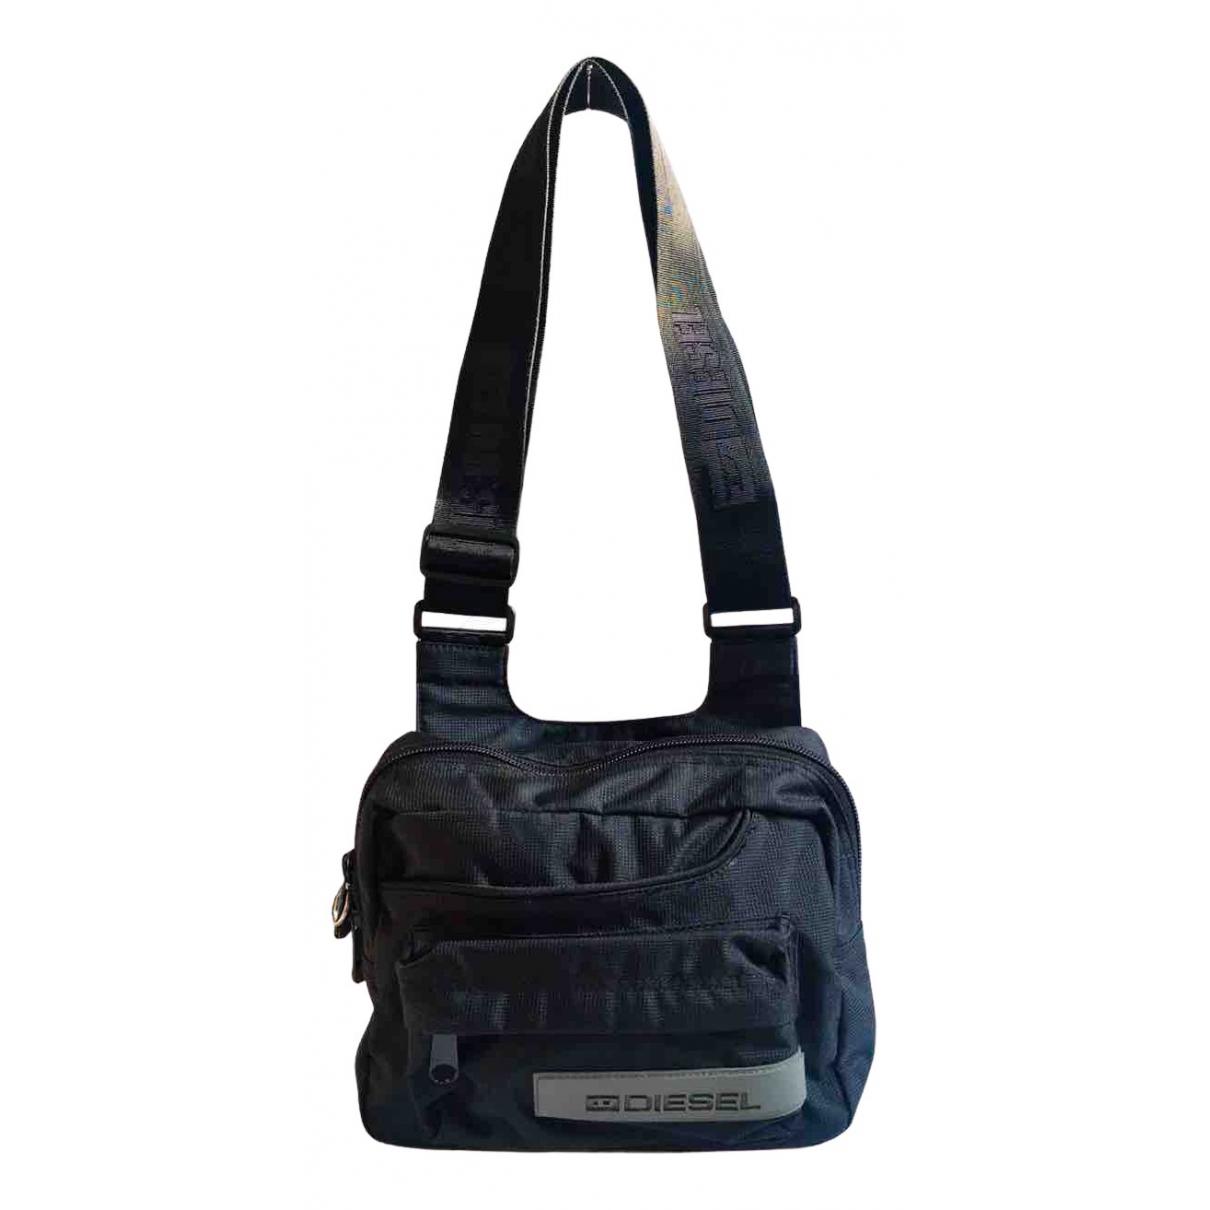 Diesel \N Handtasche in  Schwarz Synthetik